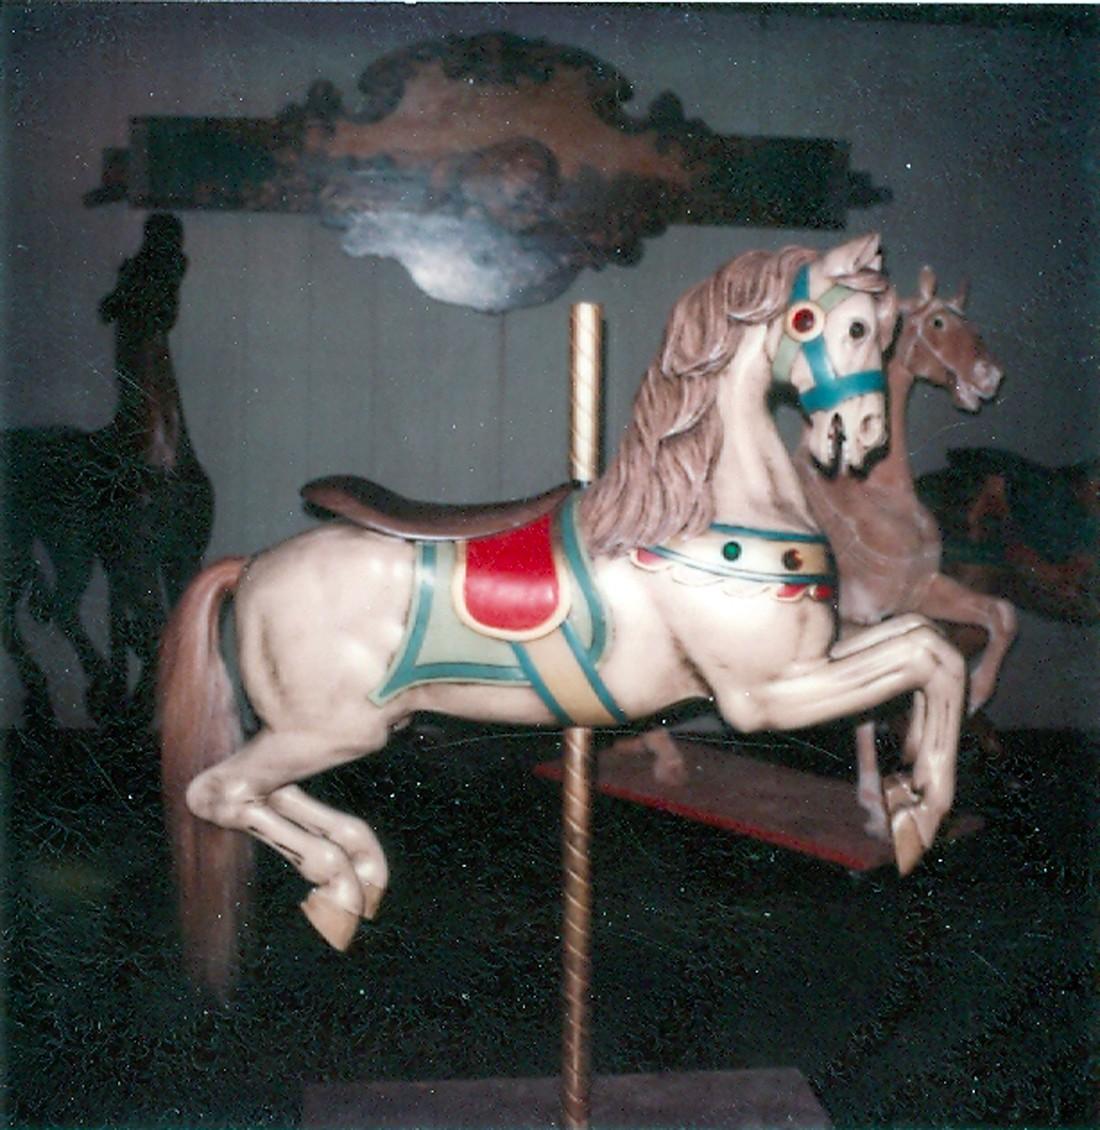 Fraley-Redbug-Studio-Dentzel-carousel-horse-1980-visit